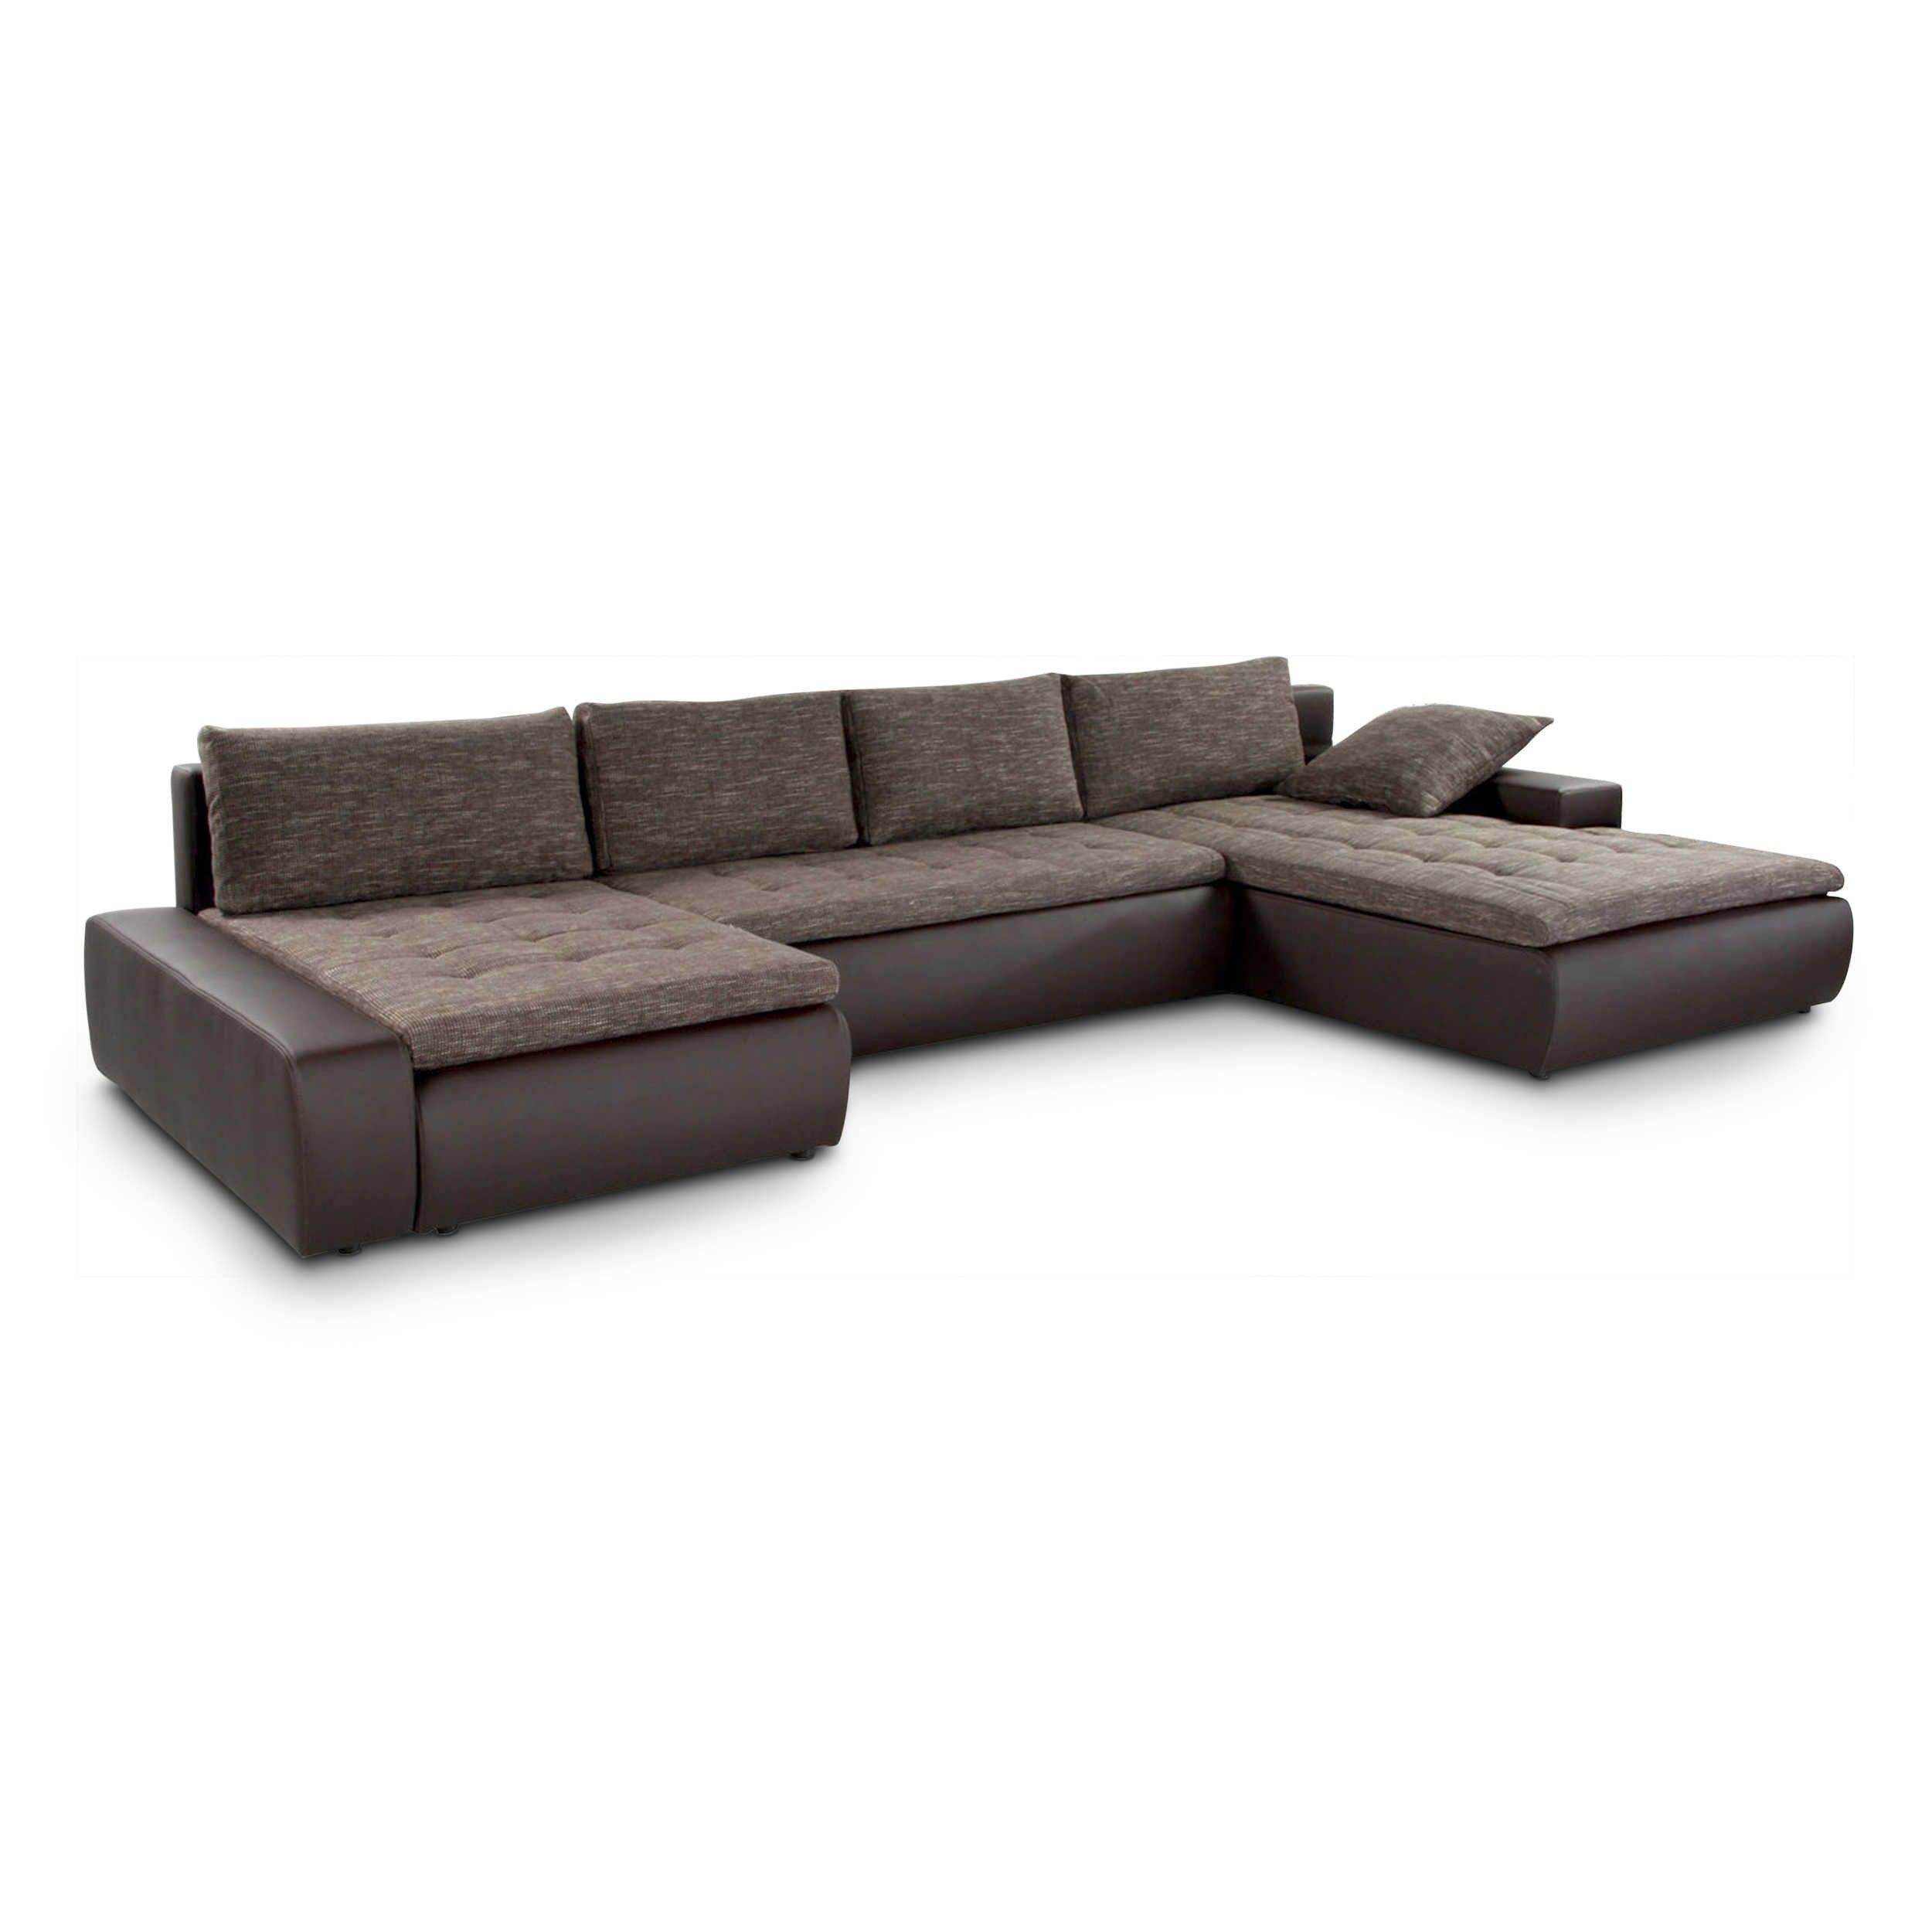 Wohnlandschaft Panamera Braun Stoff Online Kaufen Bei Woonio Furniture Sectional Couch Home